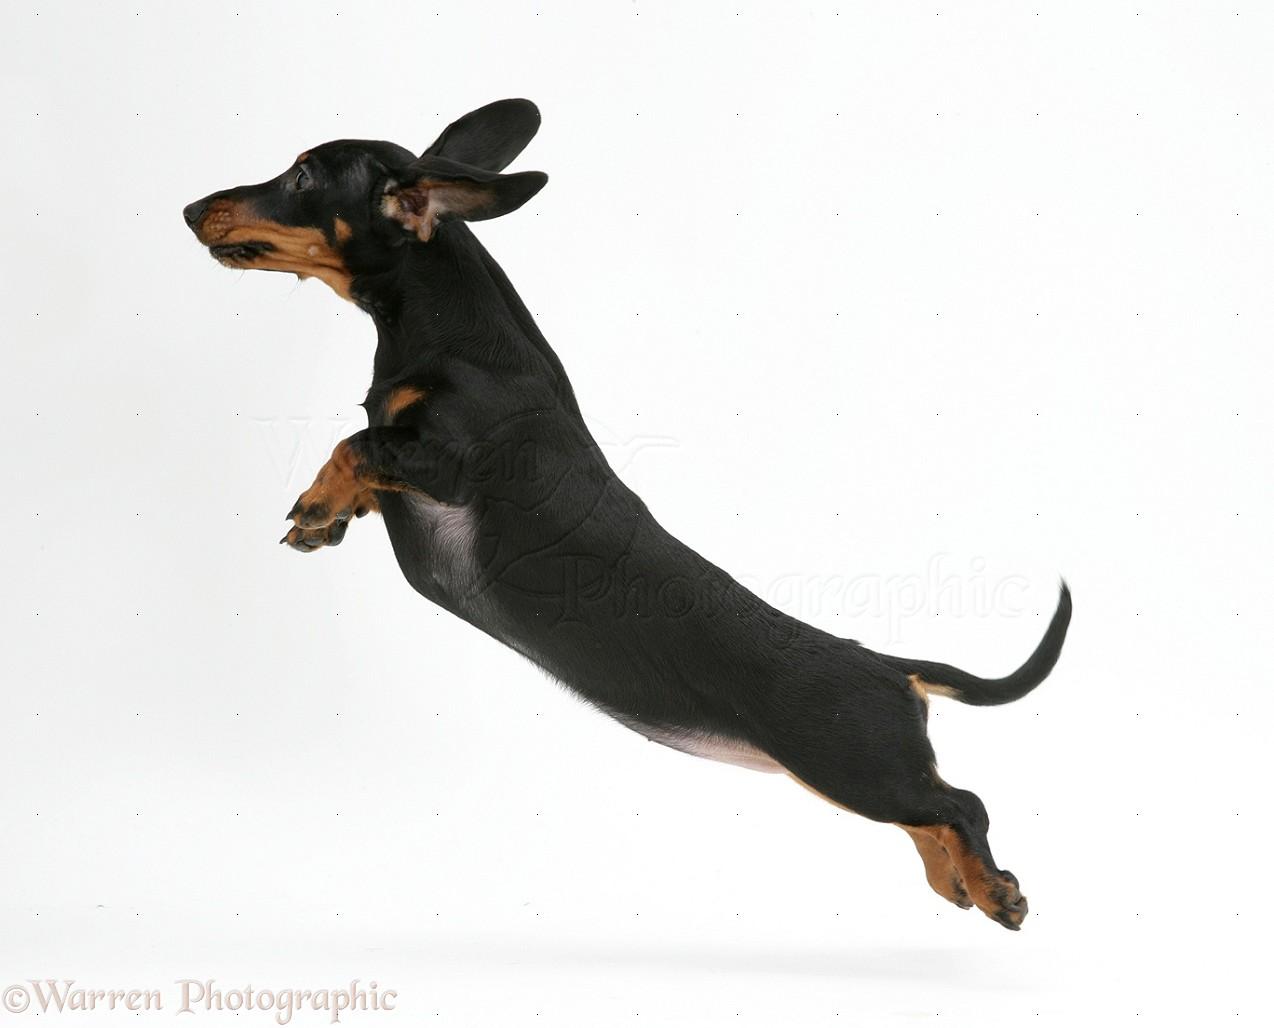 Dog: Miniature Dachshund leaping photo WP19662